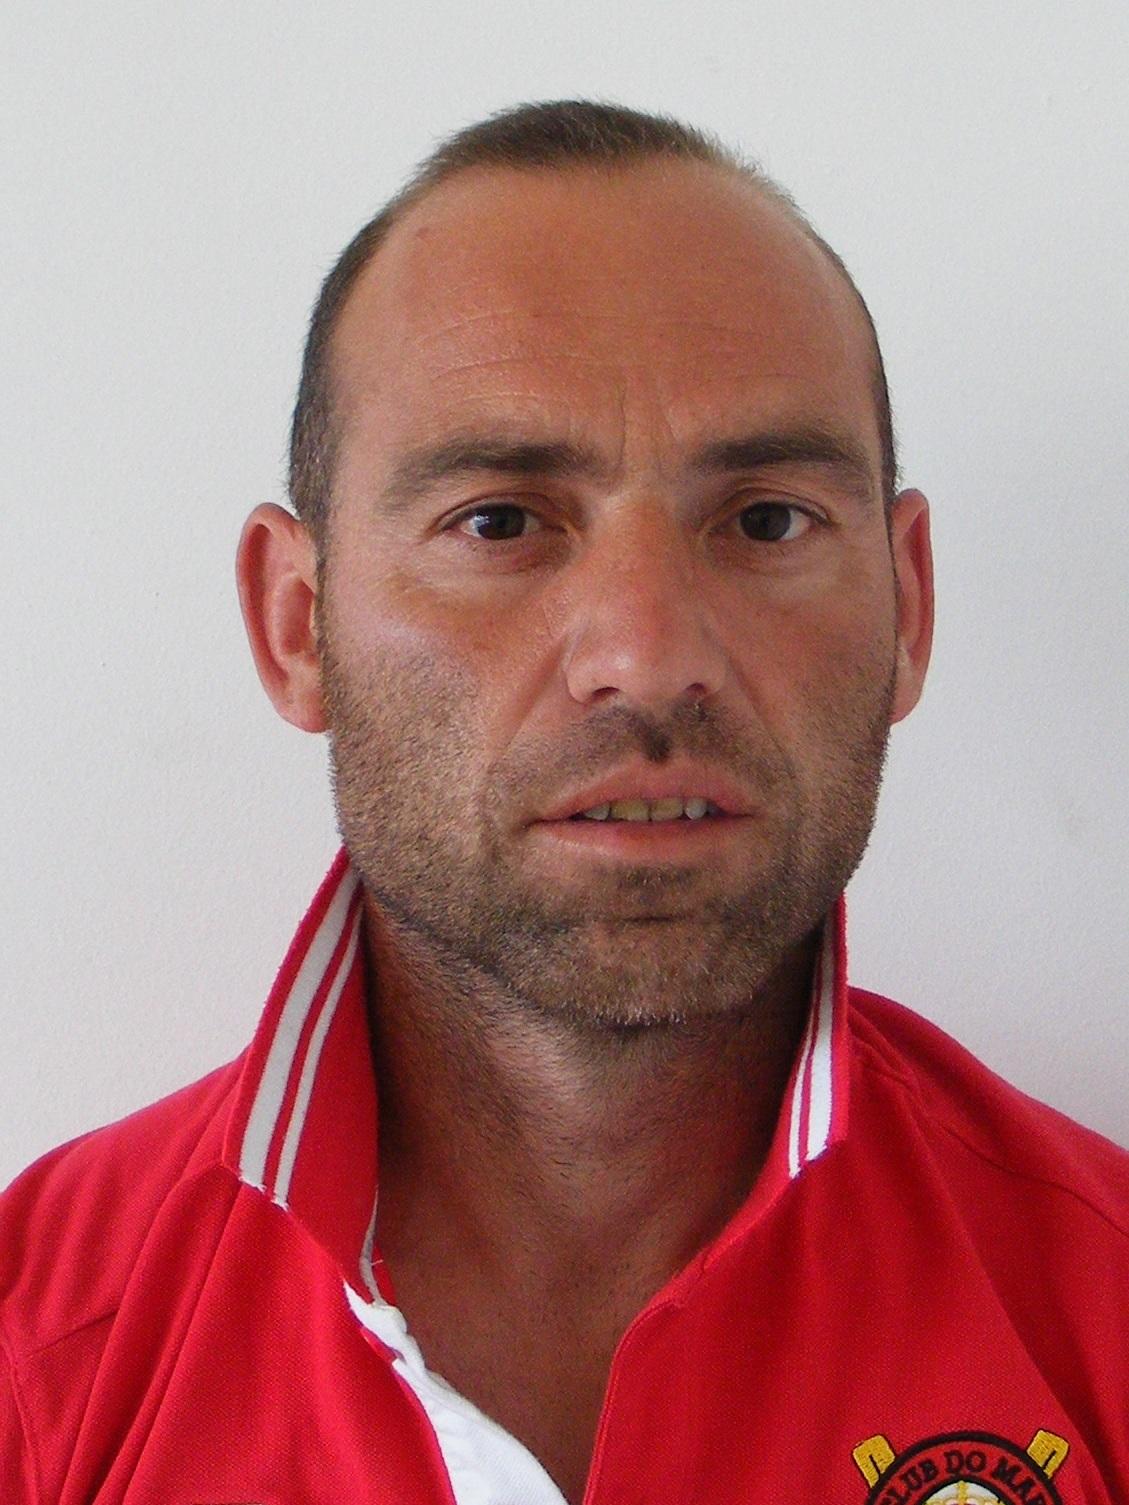 Vicente Cebreiro - NON PROPIO